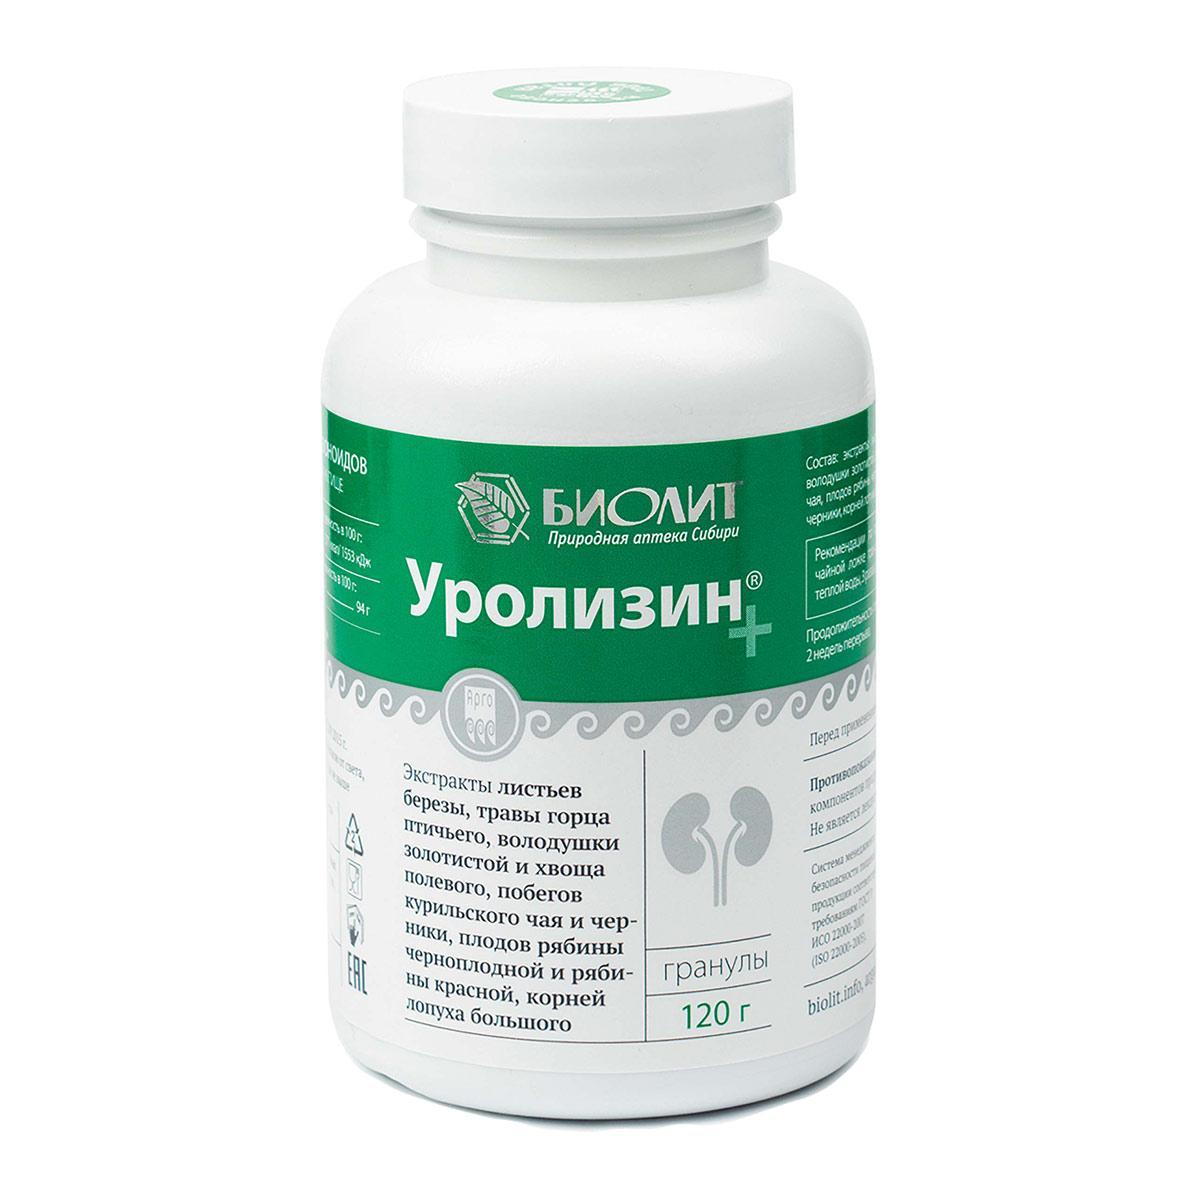 Уролизин 120 г Арго (для почек, выводит камни, соли, мочекаменная болезнь, подагра, пиелонефрит, холецистит)